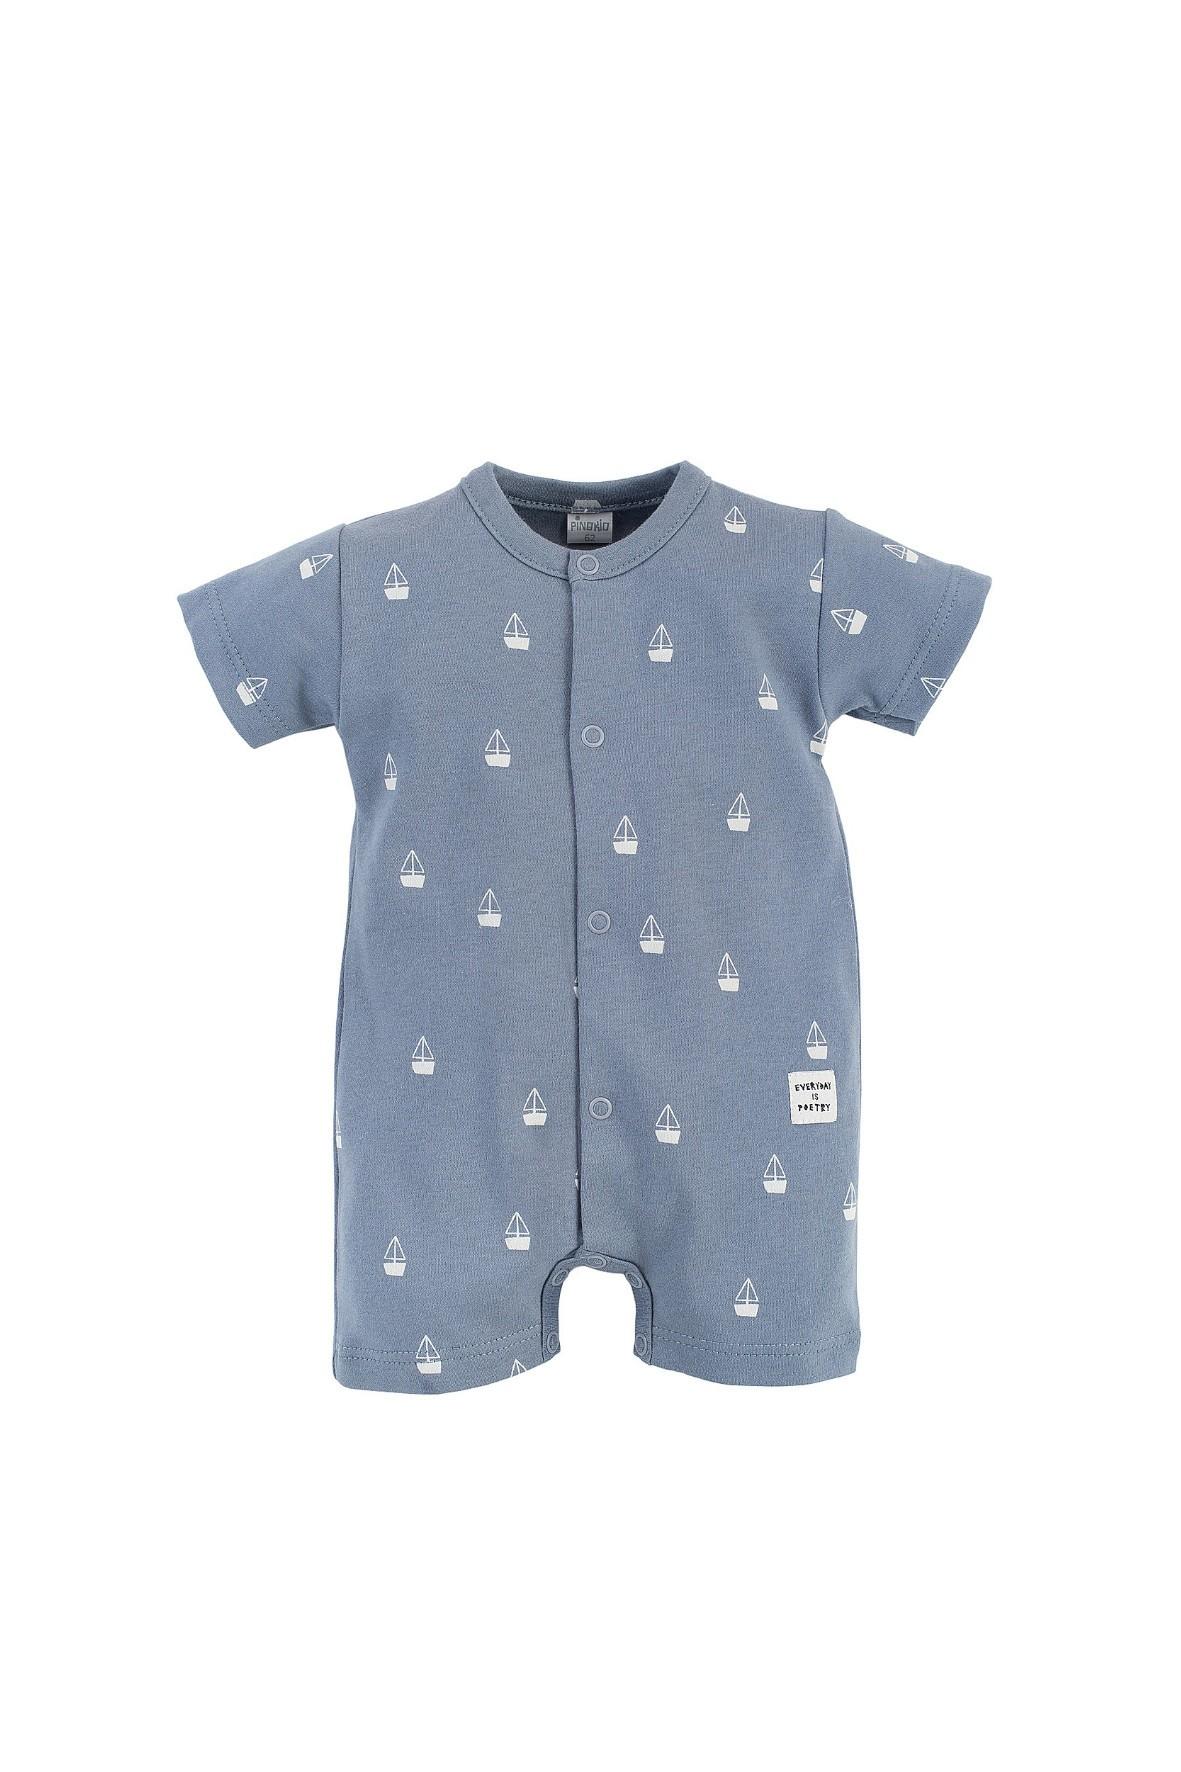 Bawełniany niemowlęcy pajac w kolorze niebieskim - żaglówki